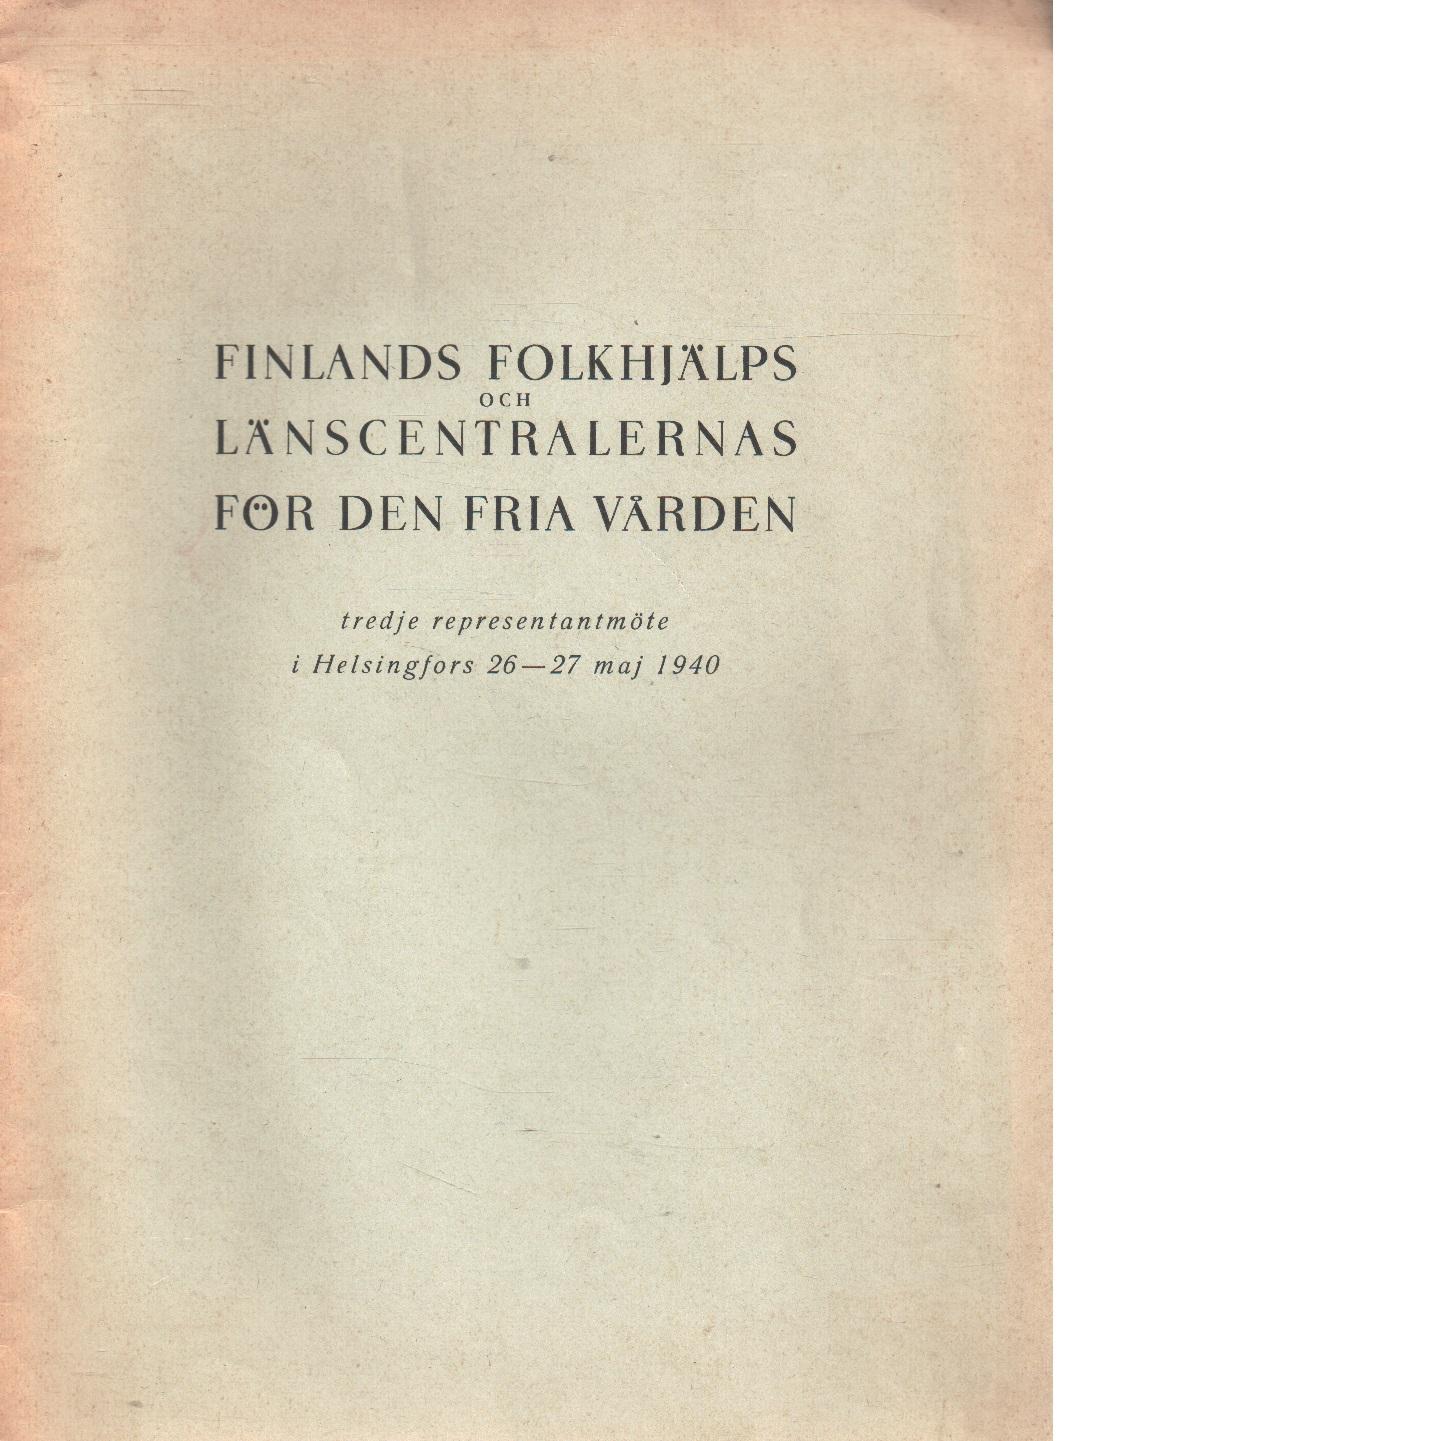 Finlands och  folkhjälps länscentralernas för den fria världen - Red.